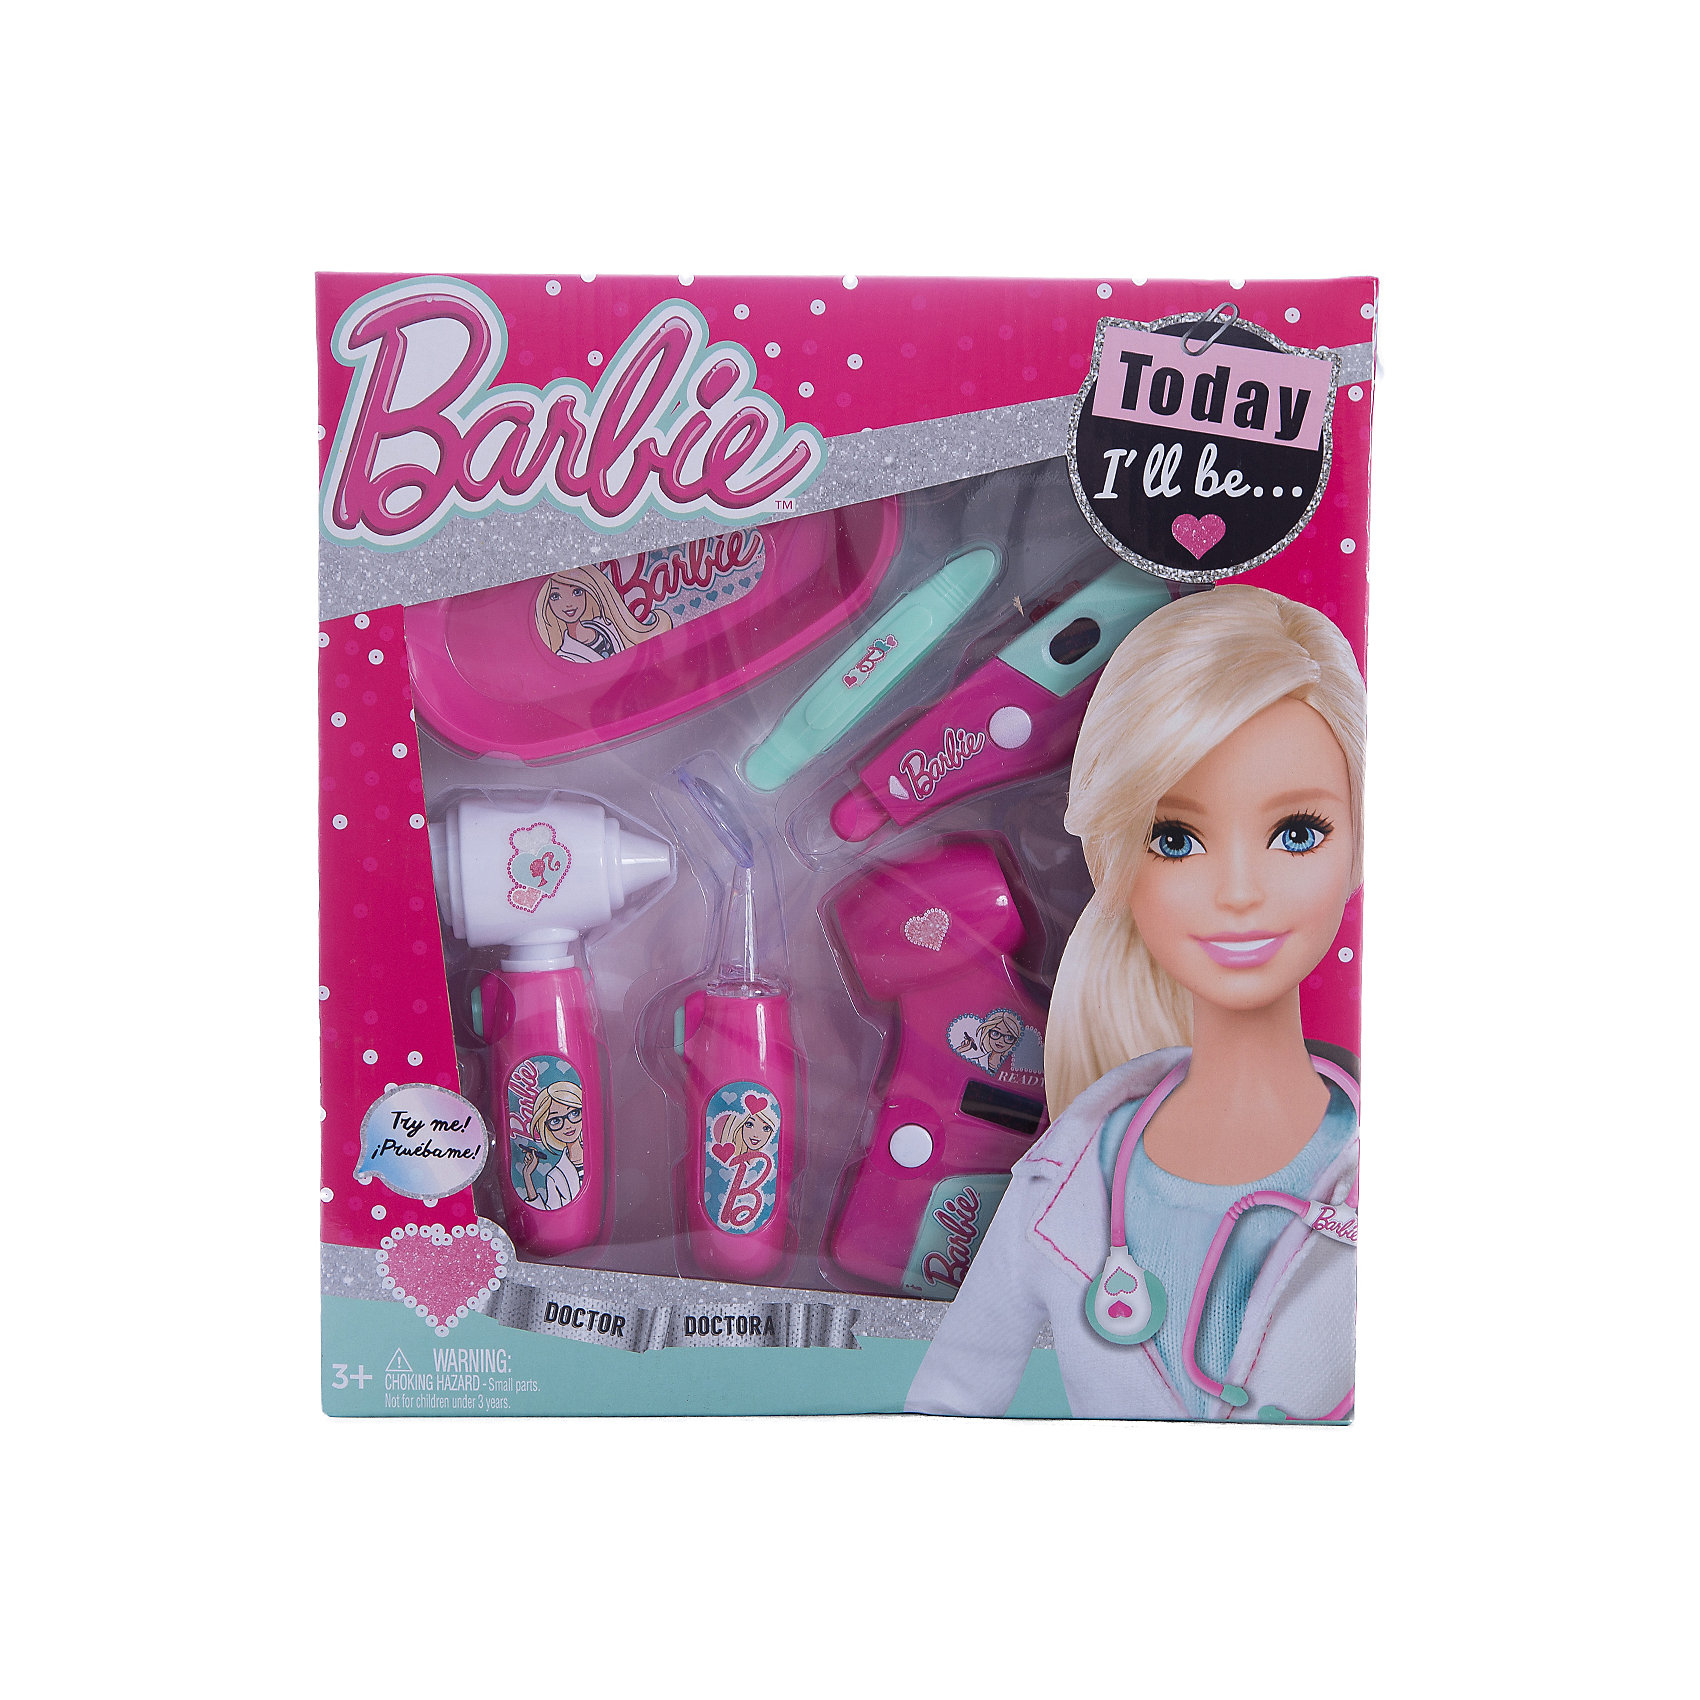 Игровой набор юного доктора компактный, BarbieСюжетно-ролевые игры<br>Характеристики игрового набора юного доктора:<br><br>• оформление набора в стиле Барби;<br>• звуковые эффекты;<br>• батарейки в комплекте;<br>• материал: пластик;<br>• размер упаковки: 25,5х4х28 см.<br><br>Игра в доктора является неотъемлемой частью детского досуга. Девочки вооружаются игрушечными шприцами, градусниками и стетоскопами и «лечат» всех своих пациентов. Детали игрового набора Barbie изготовлены из нетоксичного гипоаллергенного пластика. Набор оформлен в стиле куклы Барби. <br><br>Комплектация игрового набора:<br><br>• электронный отоскоп;<br>• электронный пейджер;<br>• неврологический молоточек;<br>• шприц;<br>• ножницы;<br>• батарейки: 2xAG13/LR44 (миниатюрные) + 2хAG10;<br>• картонная упаковка с прозрачным окошком;<br>• инструкция.<br><br>Игровой набор юного доктора компактный, Barbie можно купить в нашем магазине.<br><br>Ширина мм: 260<br>Глубина мм: 280<br>Высота мм: 400<br>Вес г: 351<br>Возраст от месяцев: 36<br>Возраст до месяцев: 2147483647<br>Пол: Женский<br>Возраст: Детский<br>SKU: 5238935